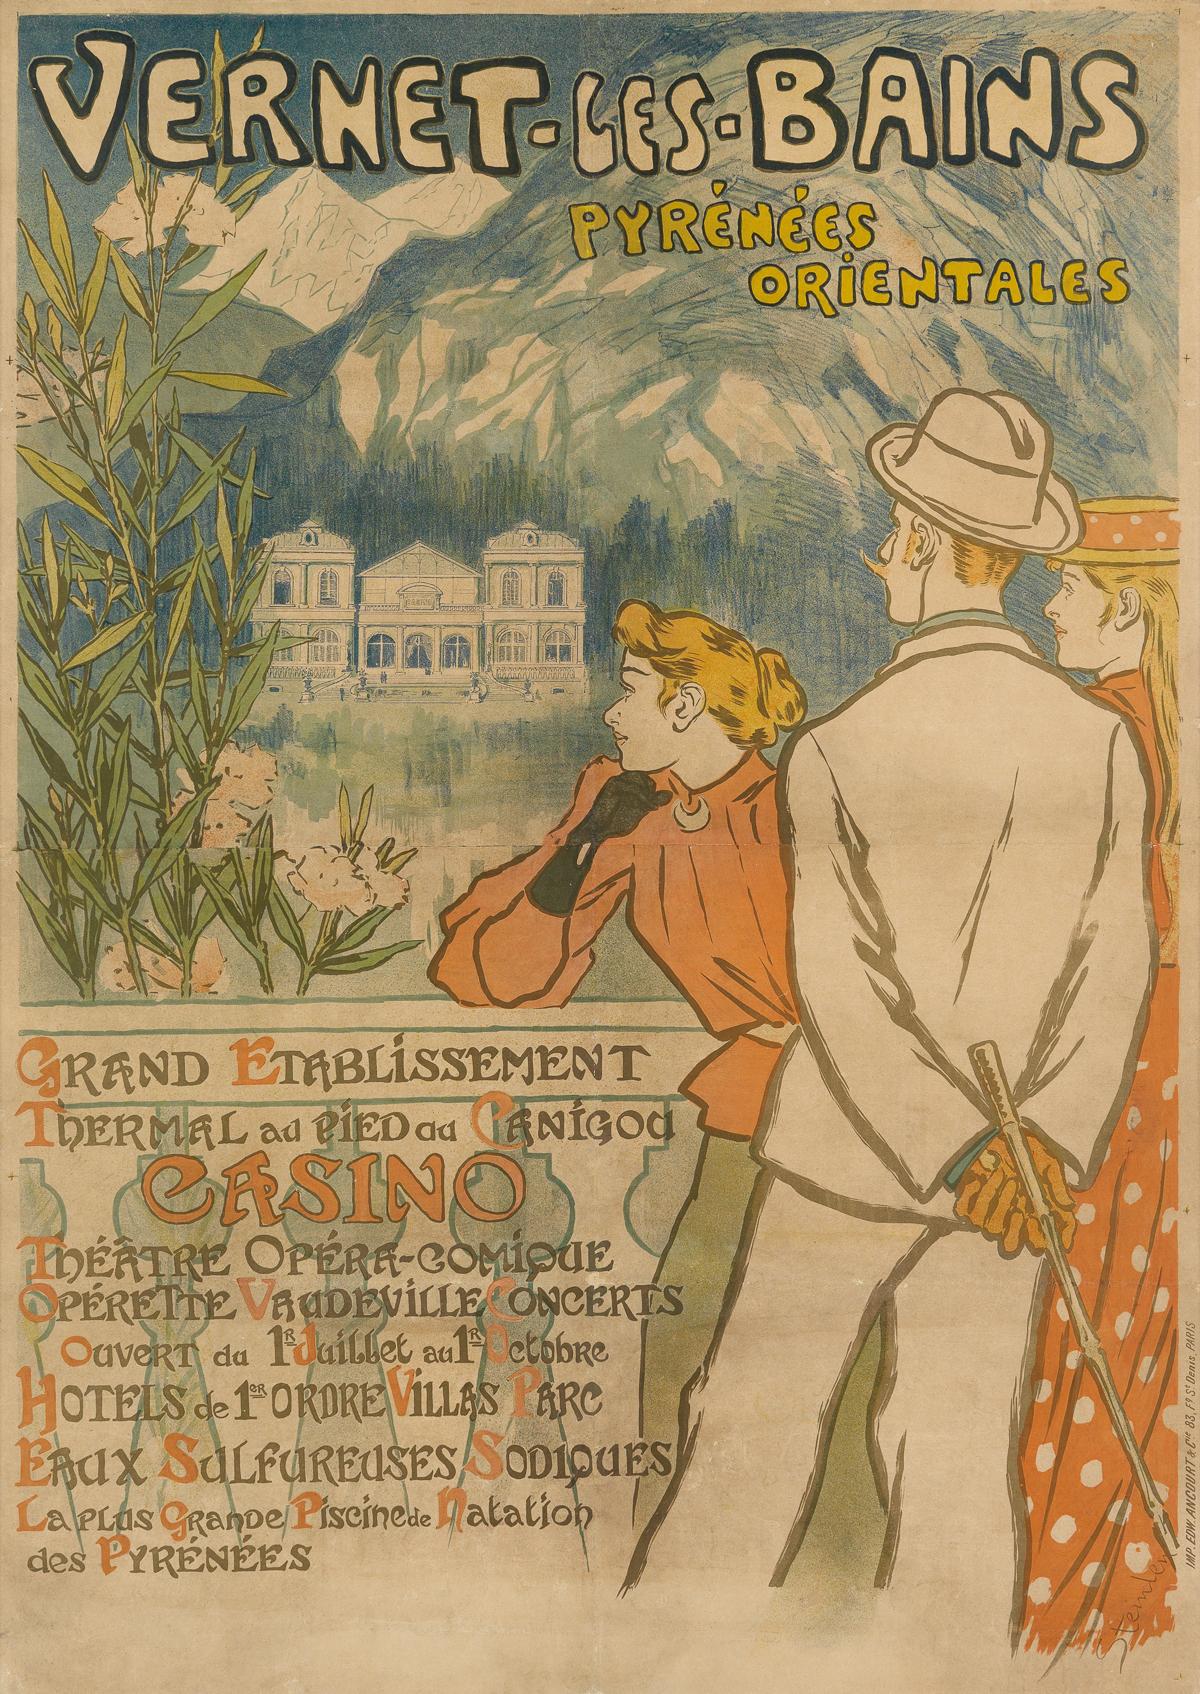 THÉOPHILE-ALEXANDRE STEINLEN (1859-1923). VERNET - LES - BAINS / PYRÉNÉES ORIENTALES. 1896. 53x37 inches, 136x96 cm. Edw. Ancourt, Pari